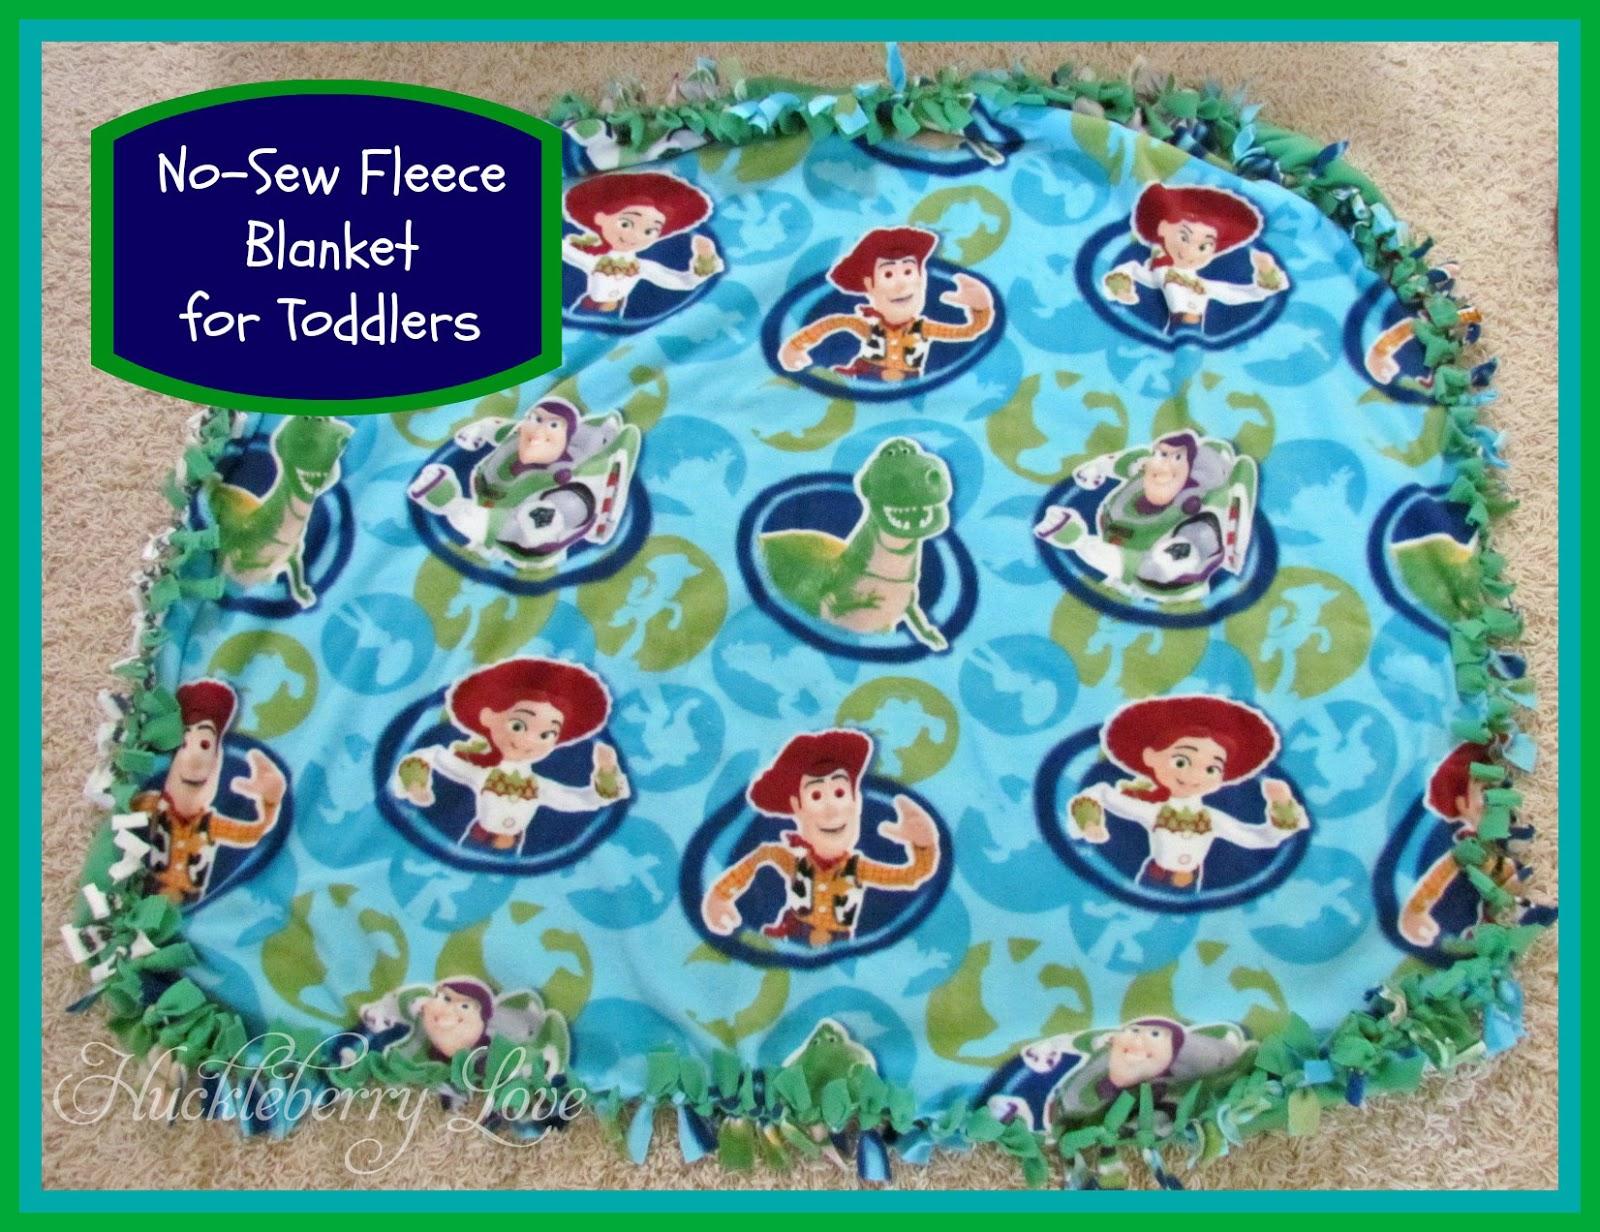 Huckleberry love no sew fleece blanket for toddlers no sew fleece blanket for toddlers ccuart Images